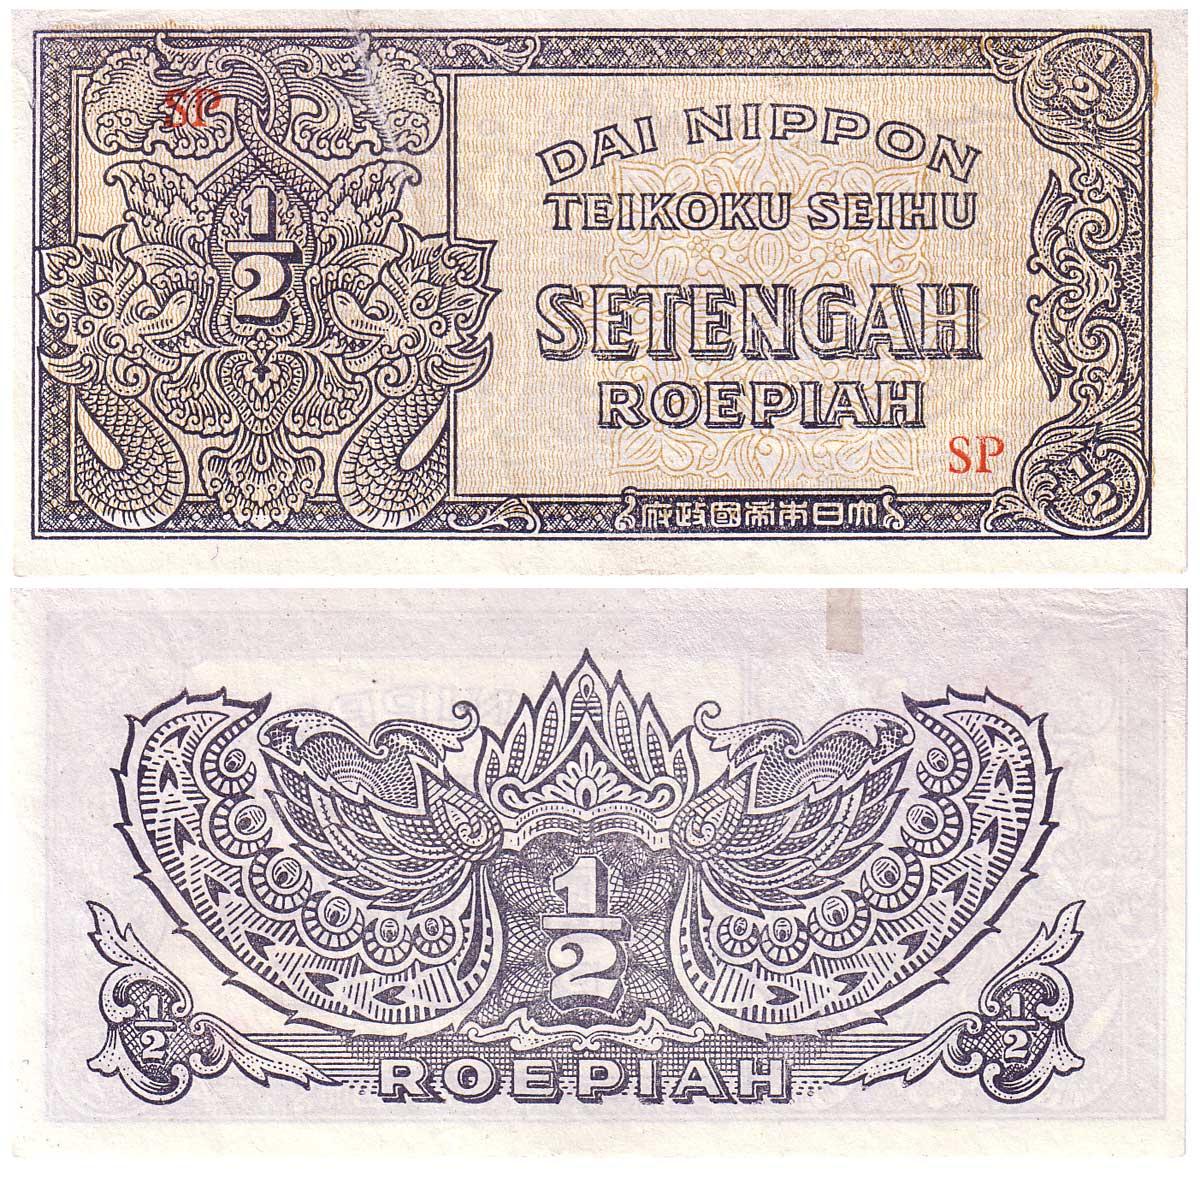 Clay 100 Dai Nippon Teikoku Seihu Imperial Japanese Government